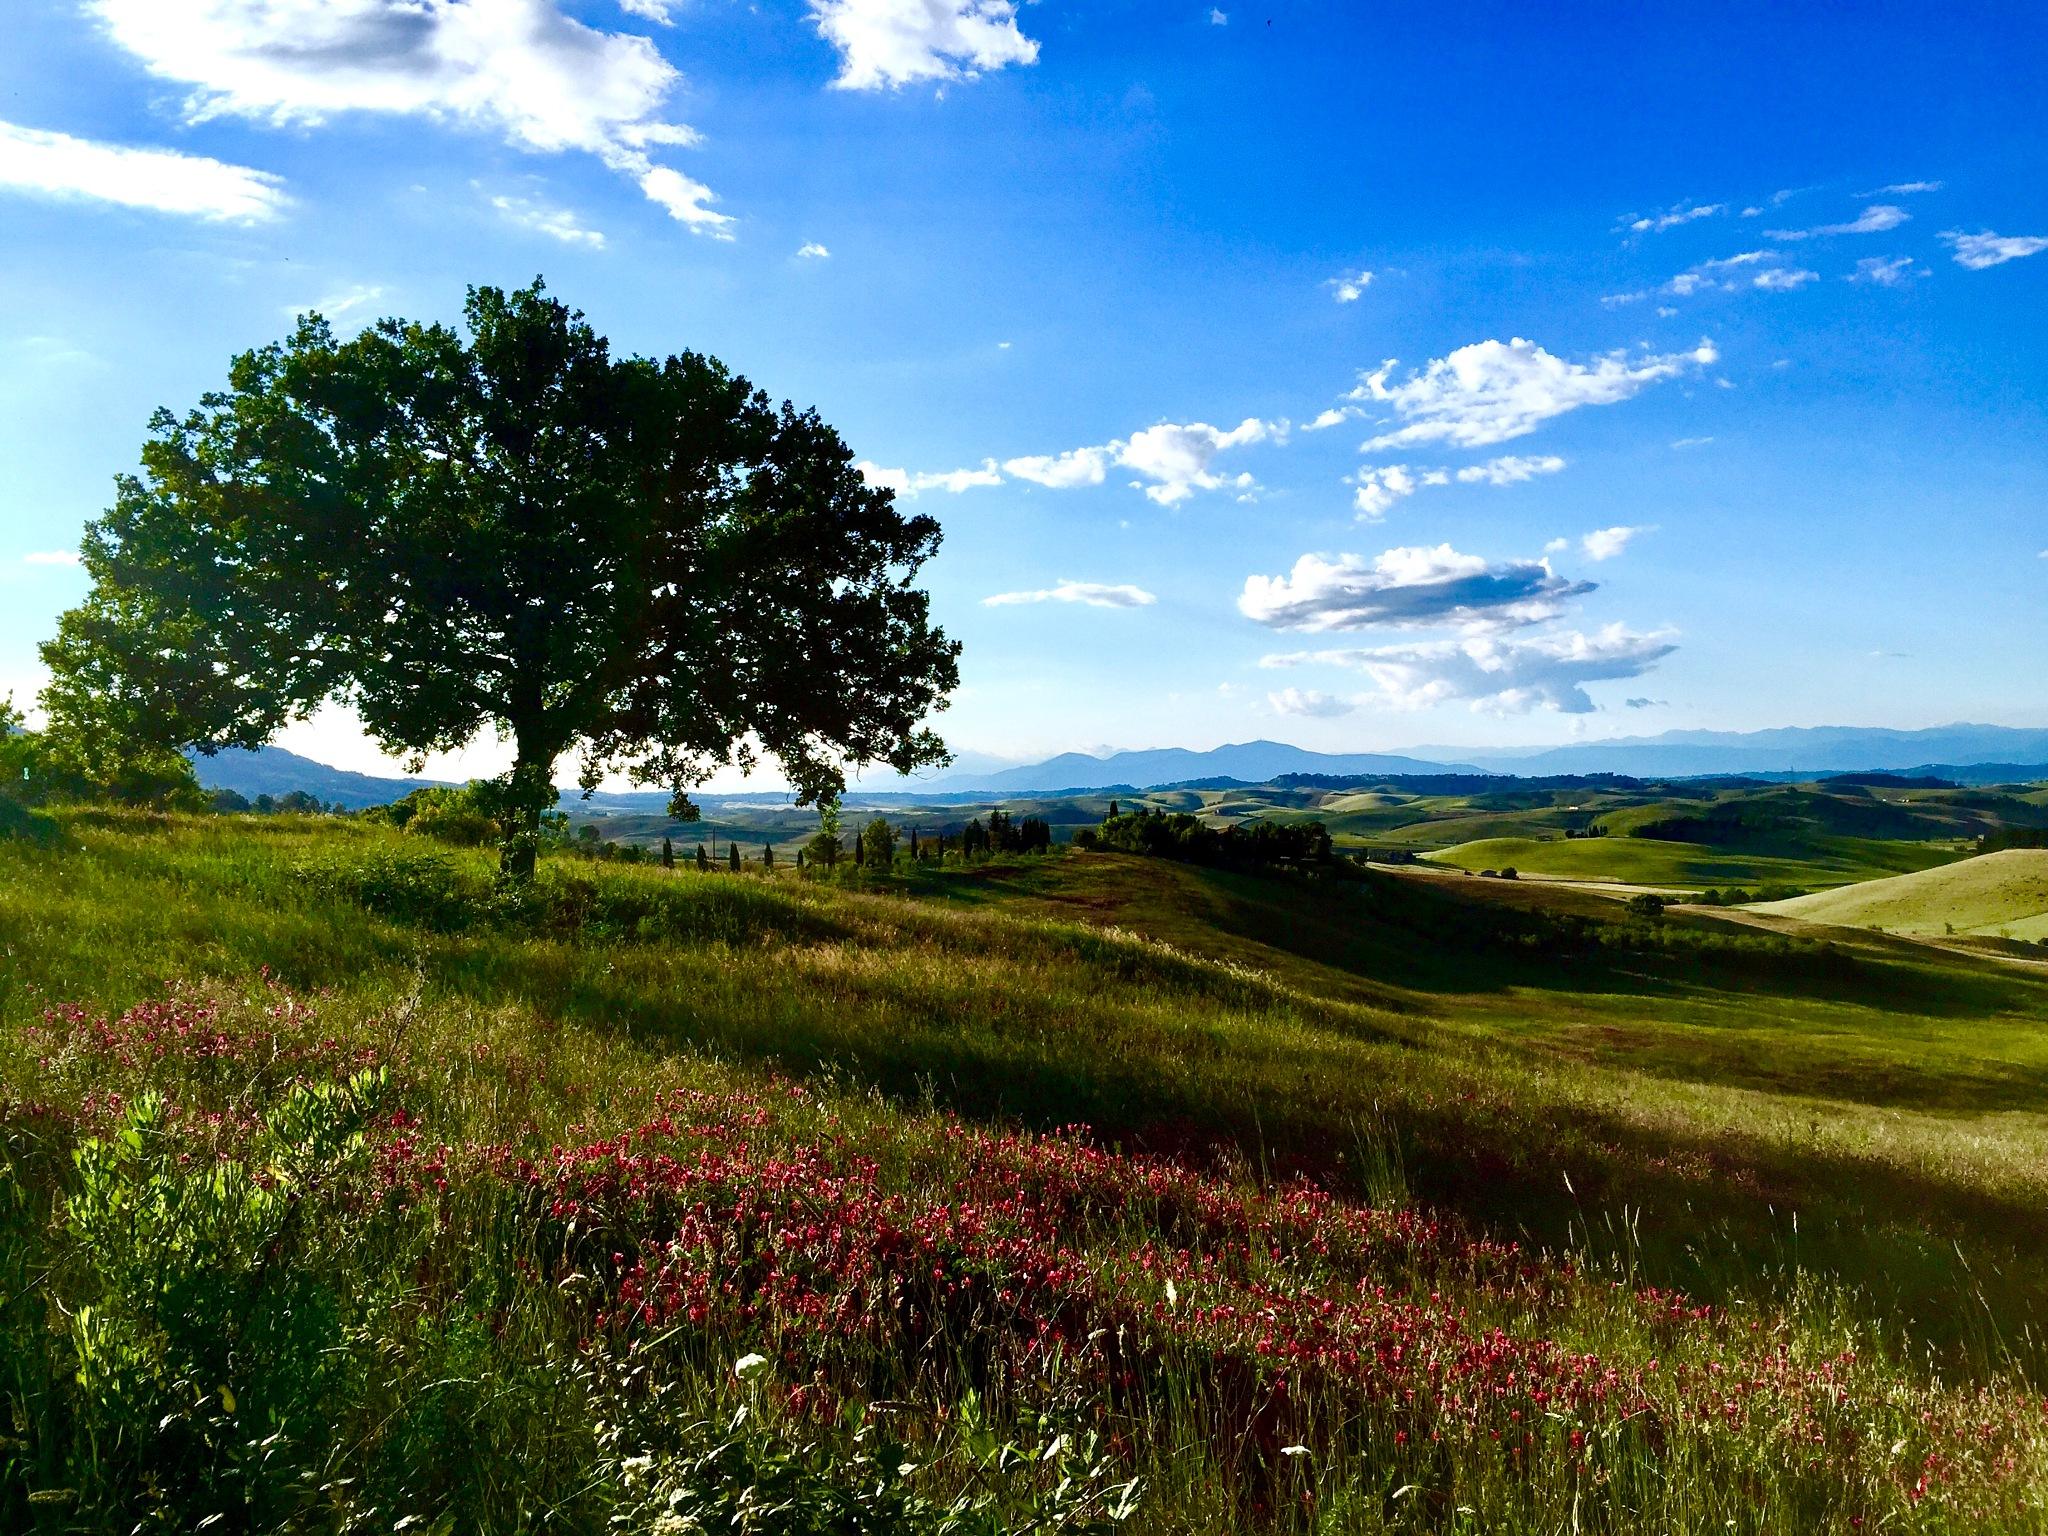 Tuscany_spring by Orsolya Békési